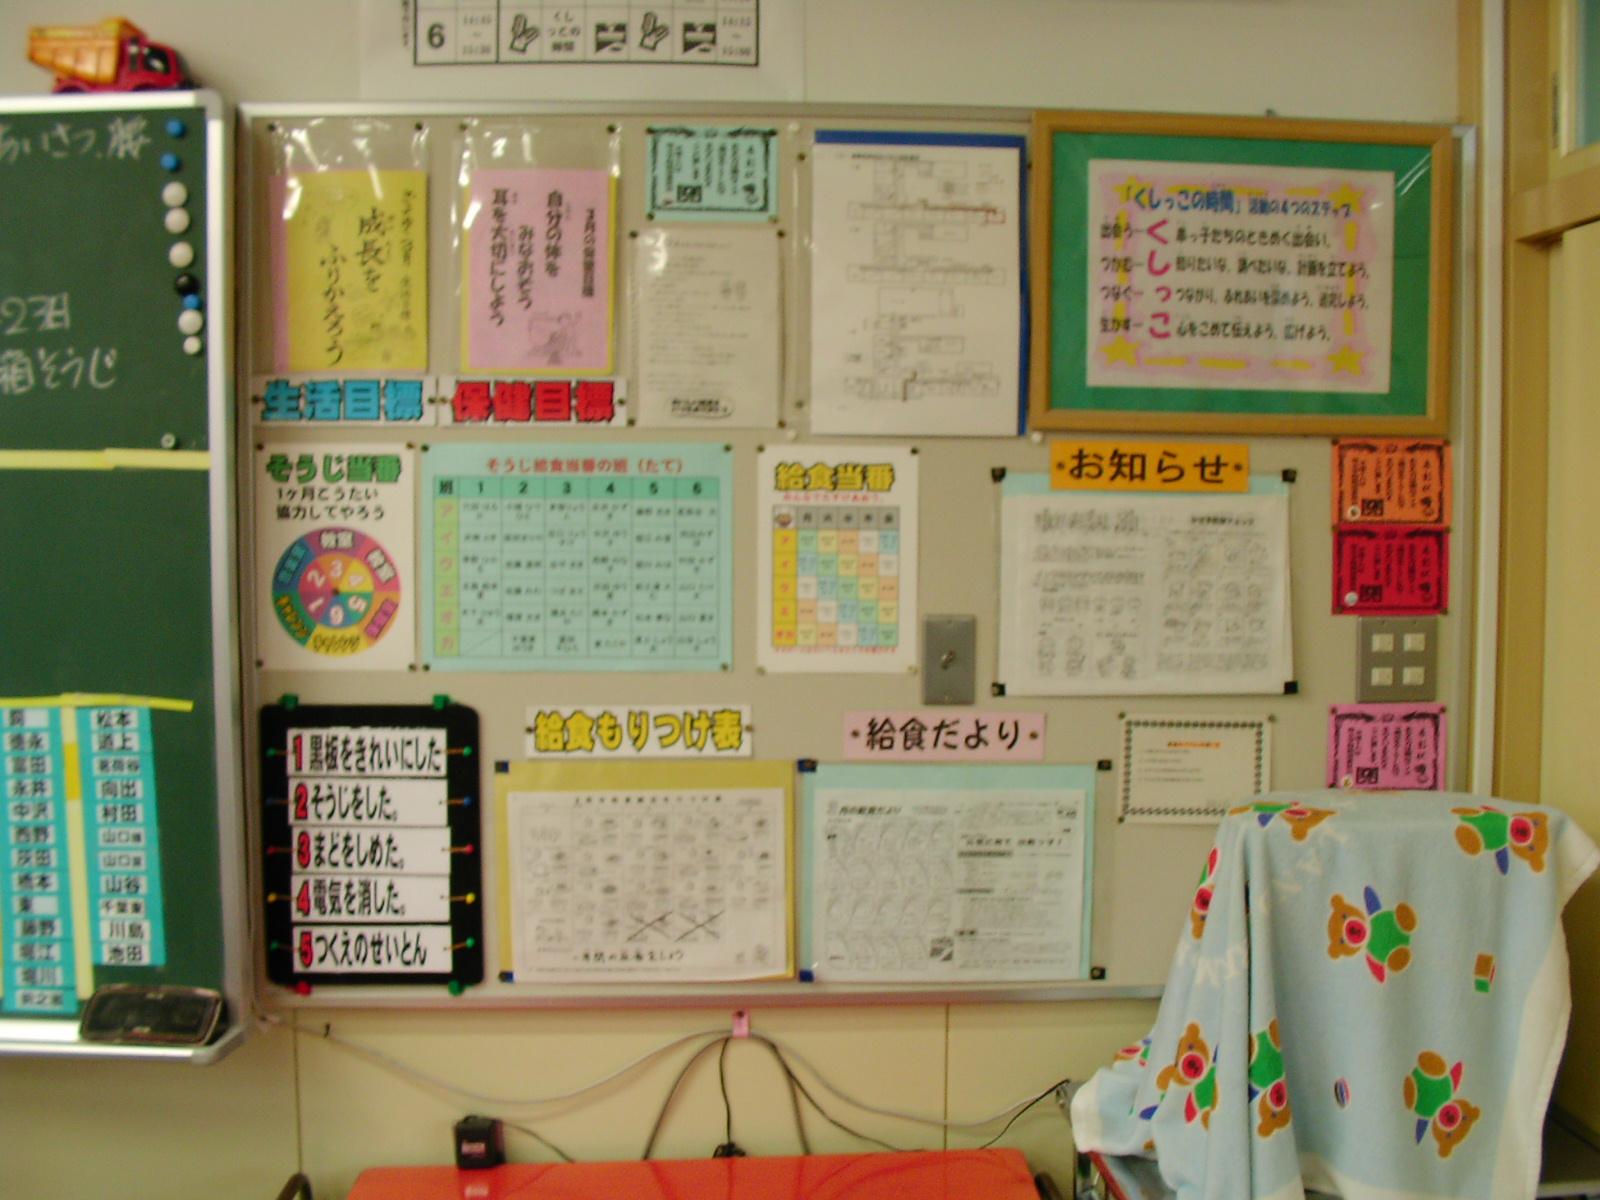 SANY0085.JPG: 教室の掲示物 ...